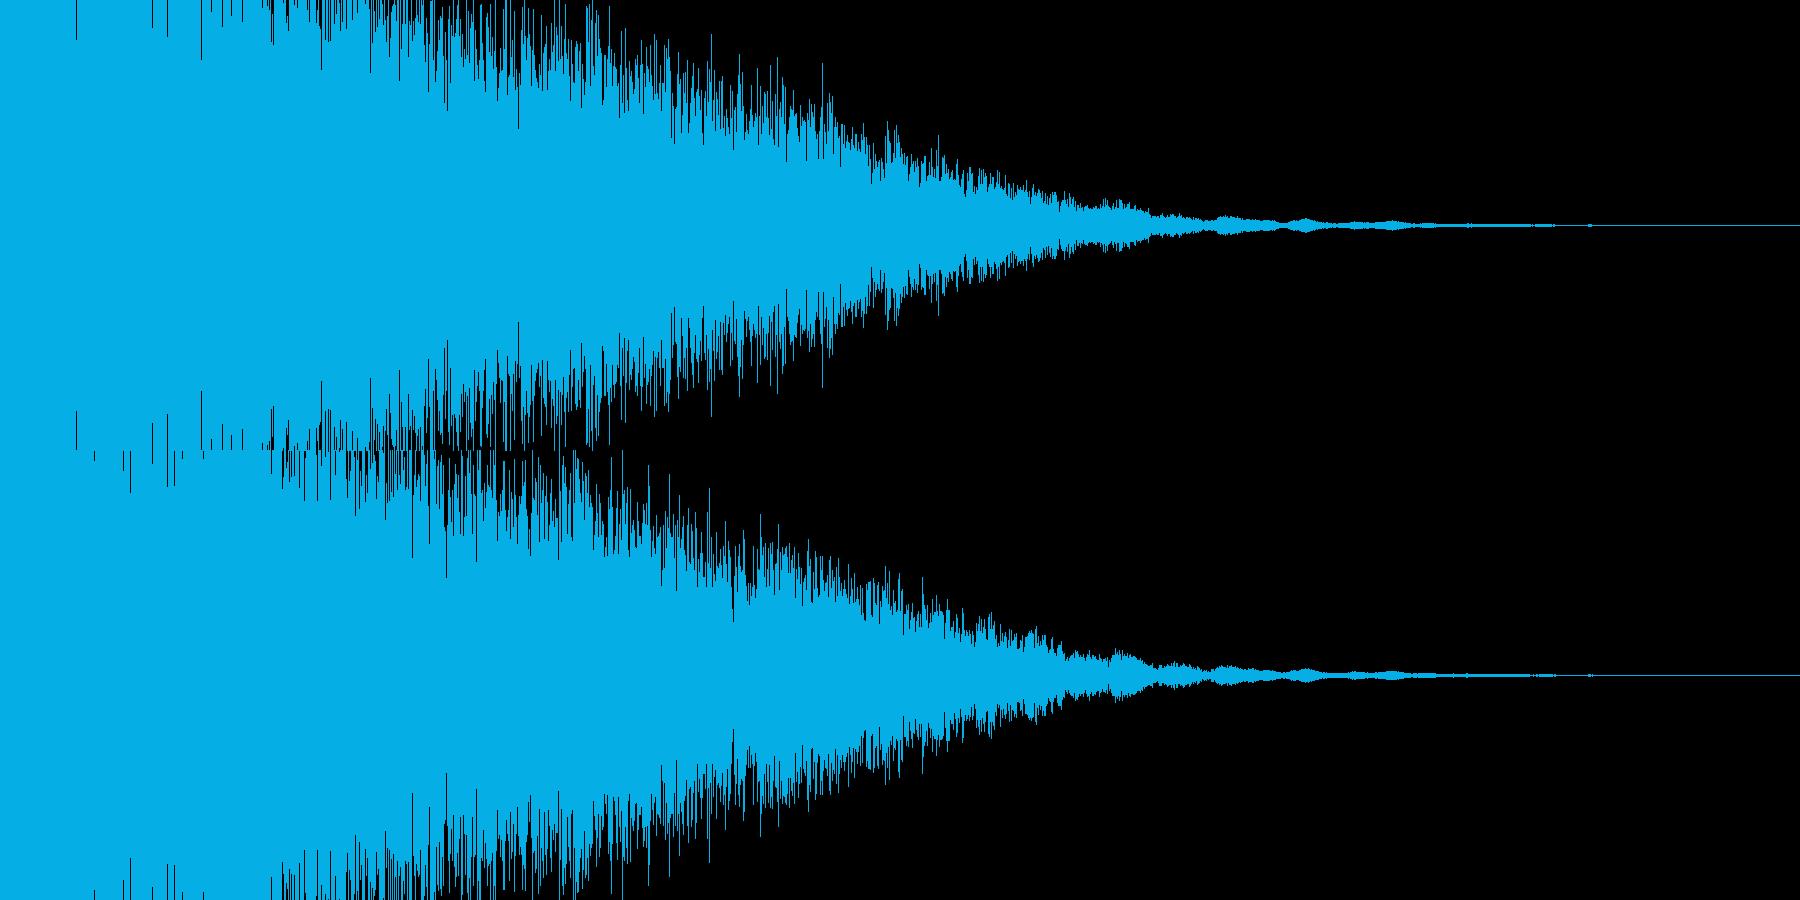 ジャキーンと爽快なインパクト音の再生済みの波形